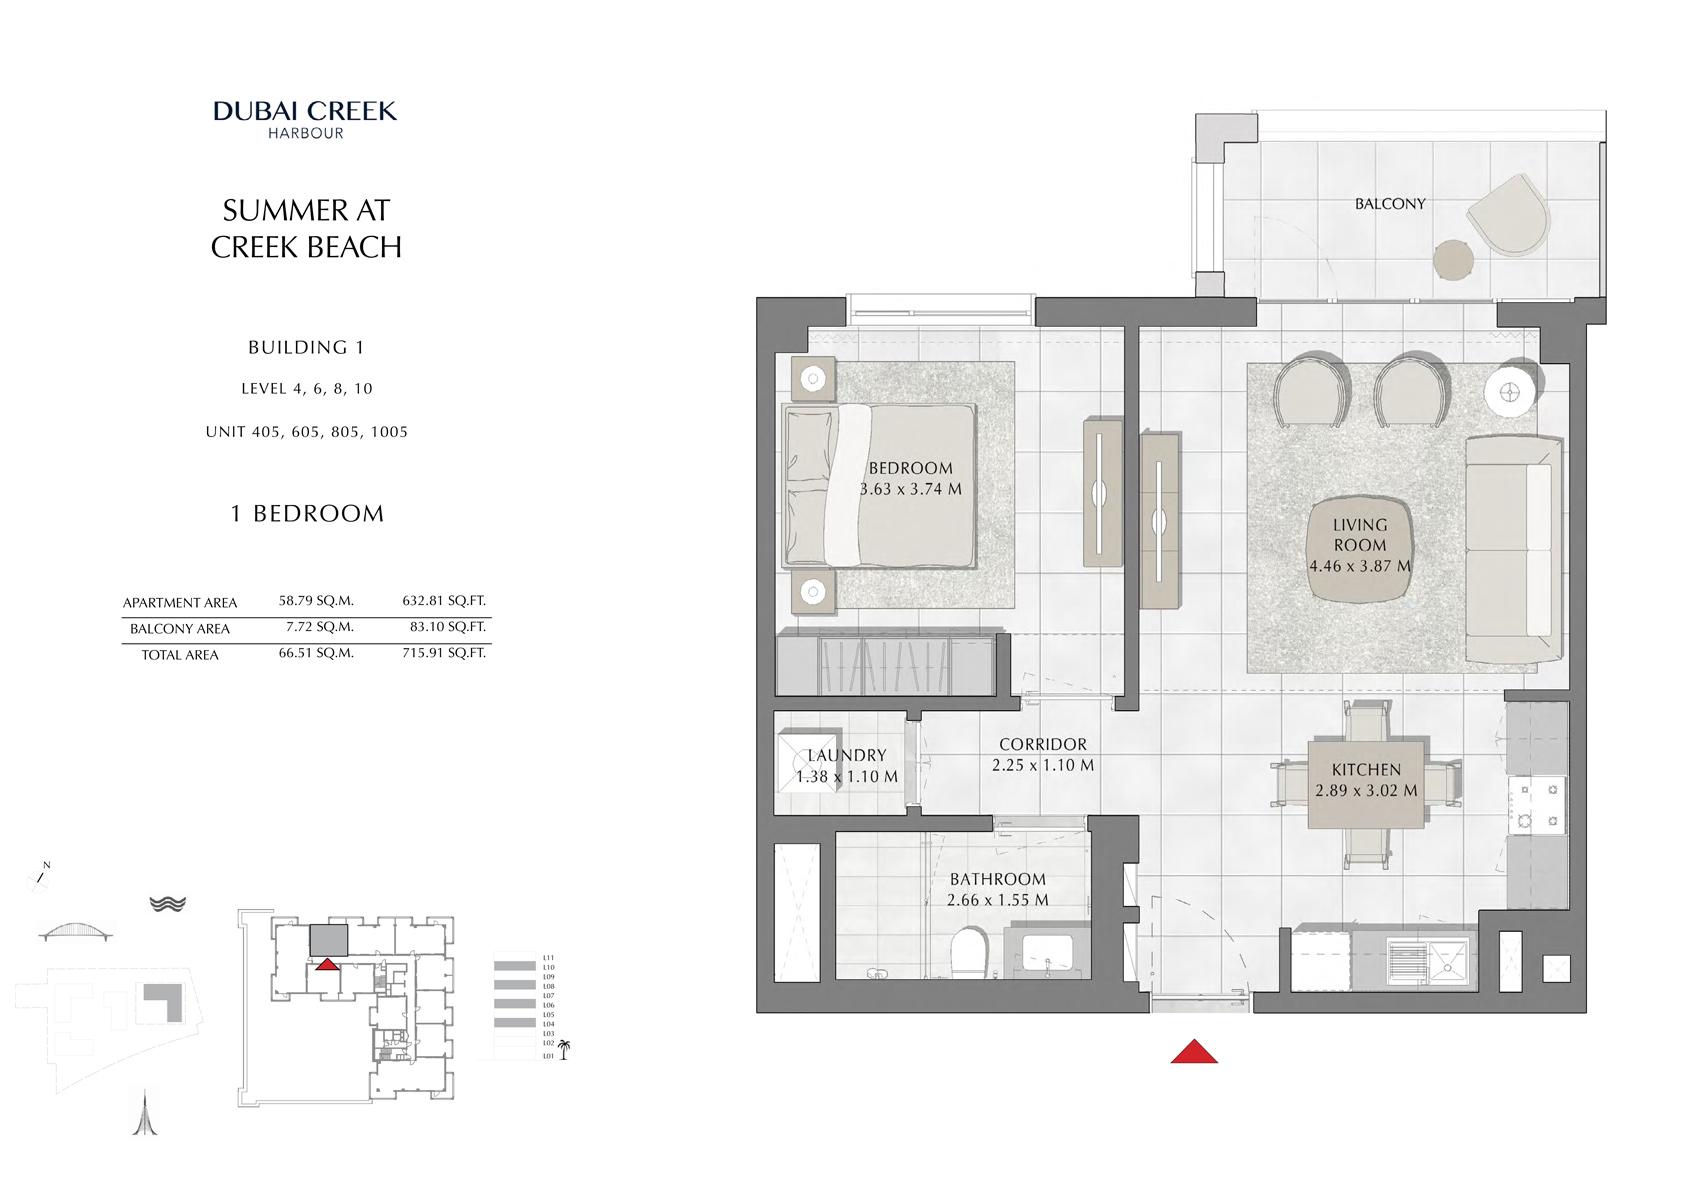 1 Br Building 1 Level-4-6-8-10 Unit 405-605-805-1005, Size 715 Sq Ft